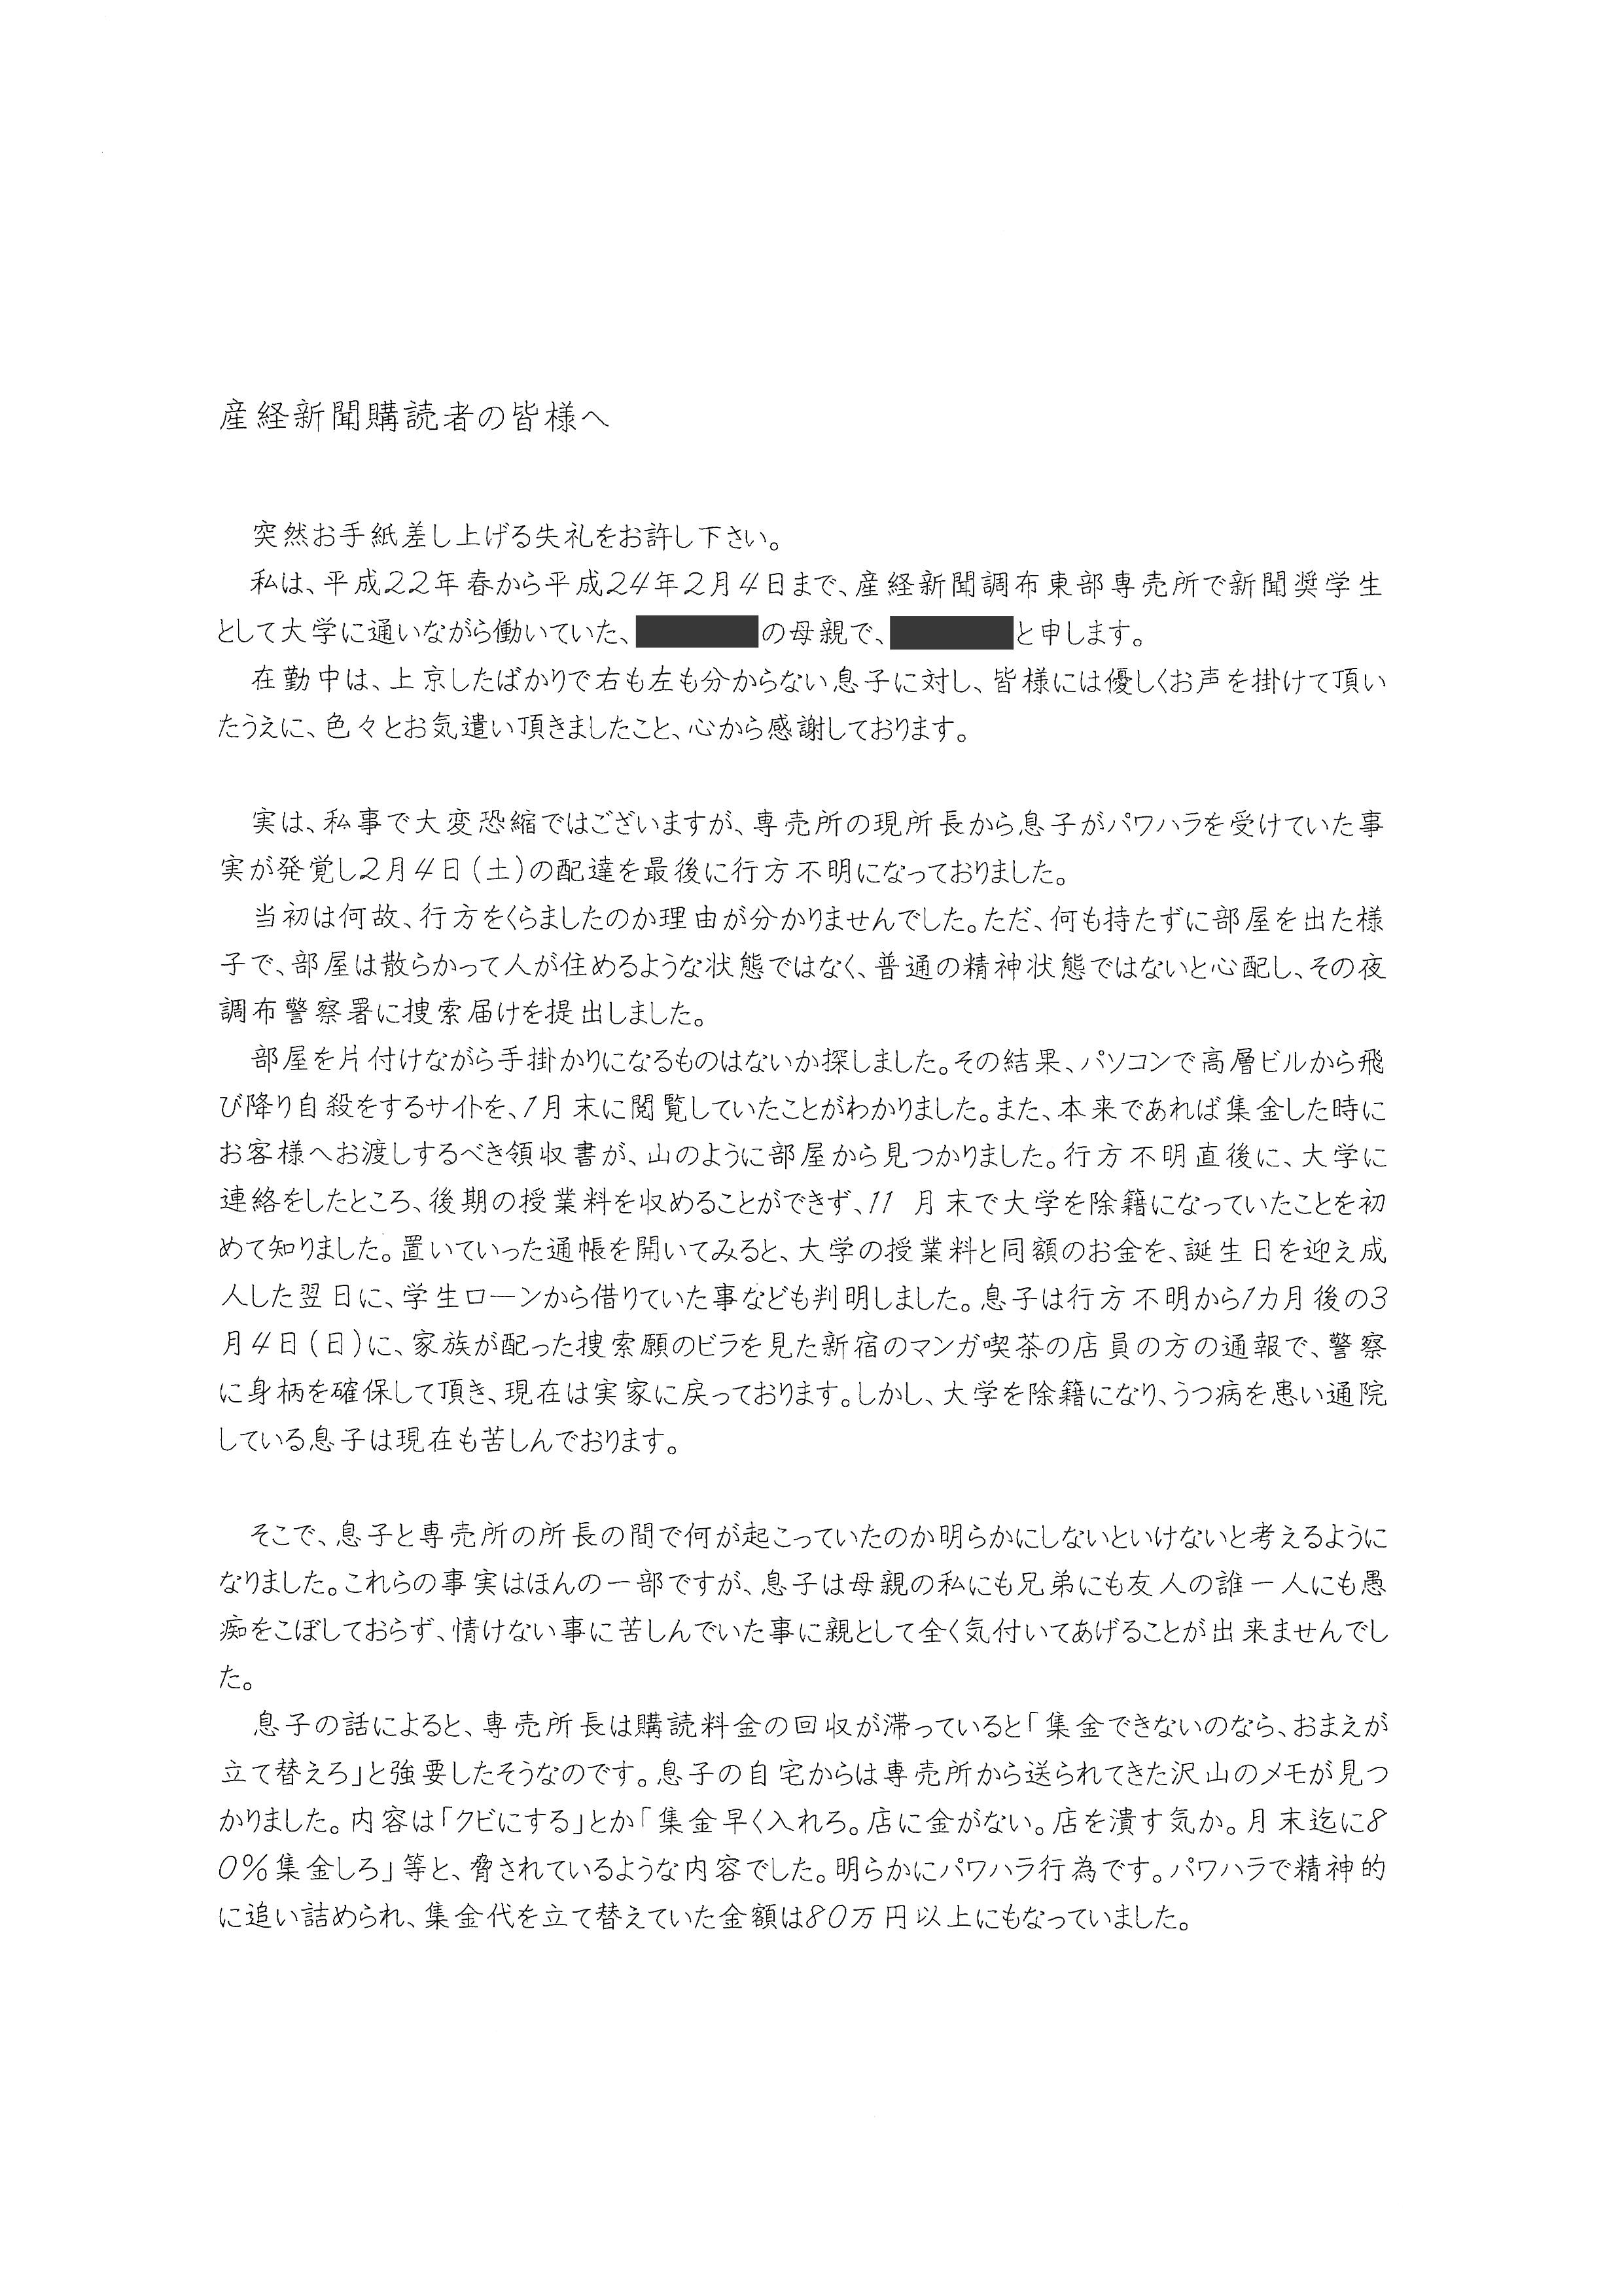 お手紙(1)